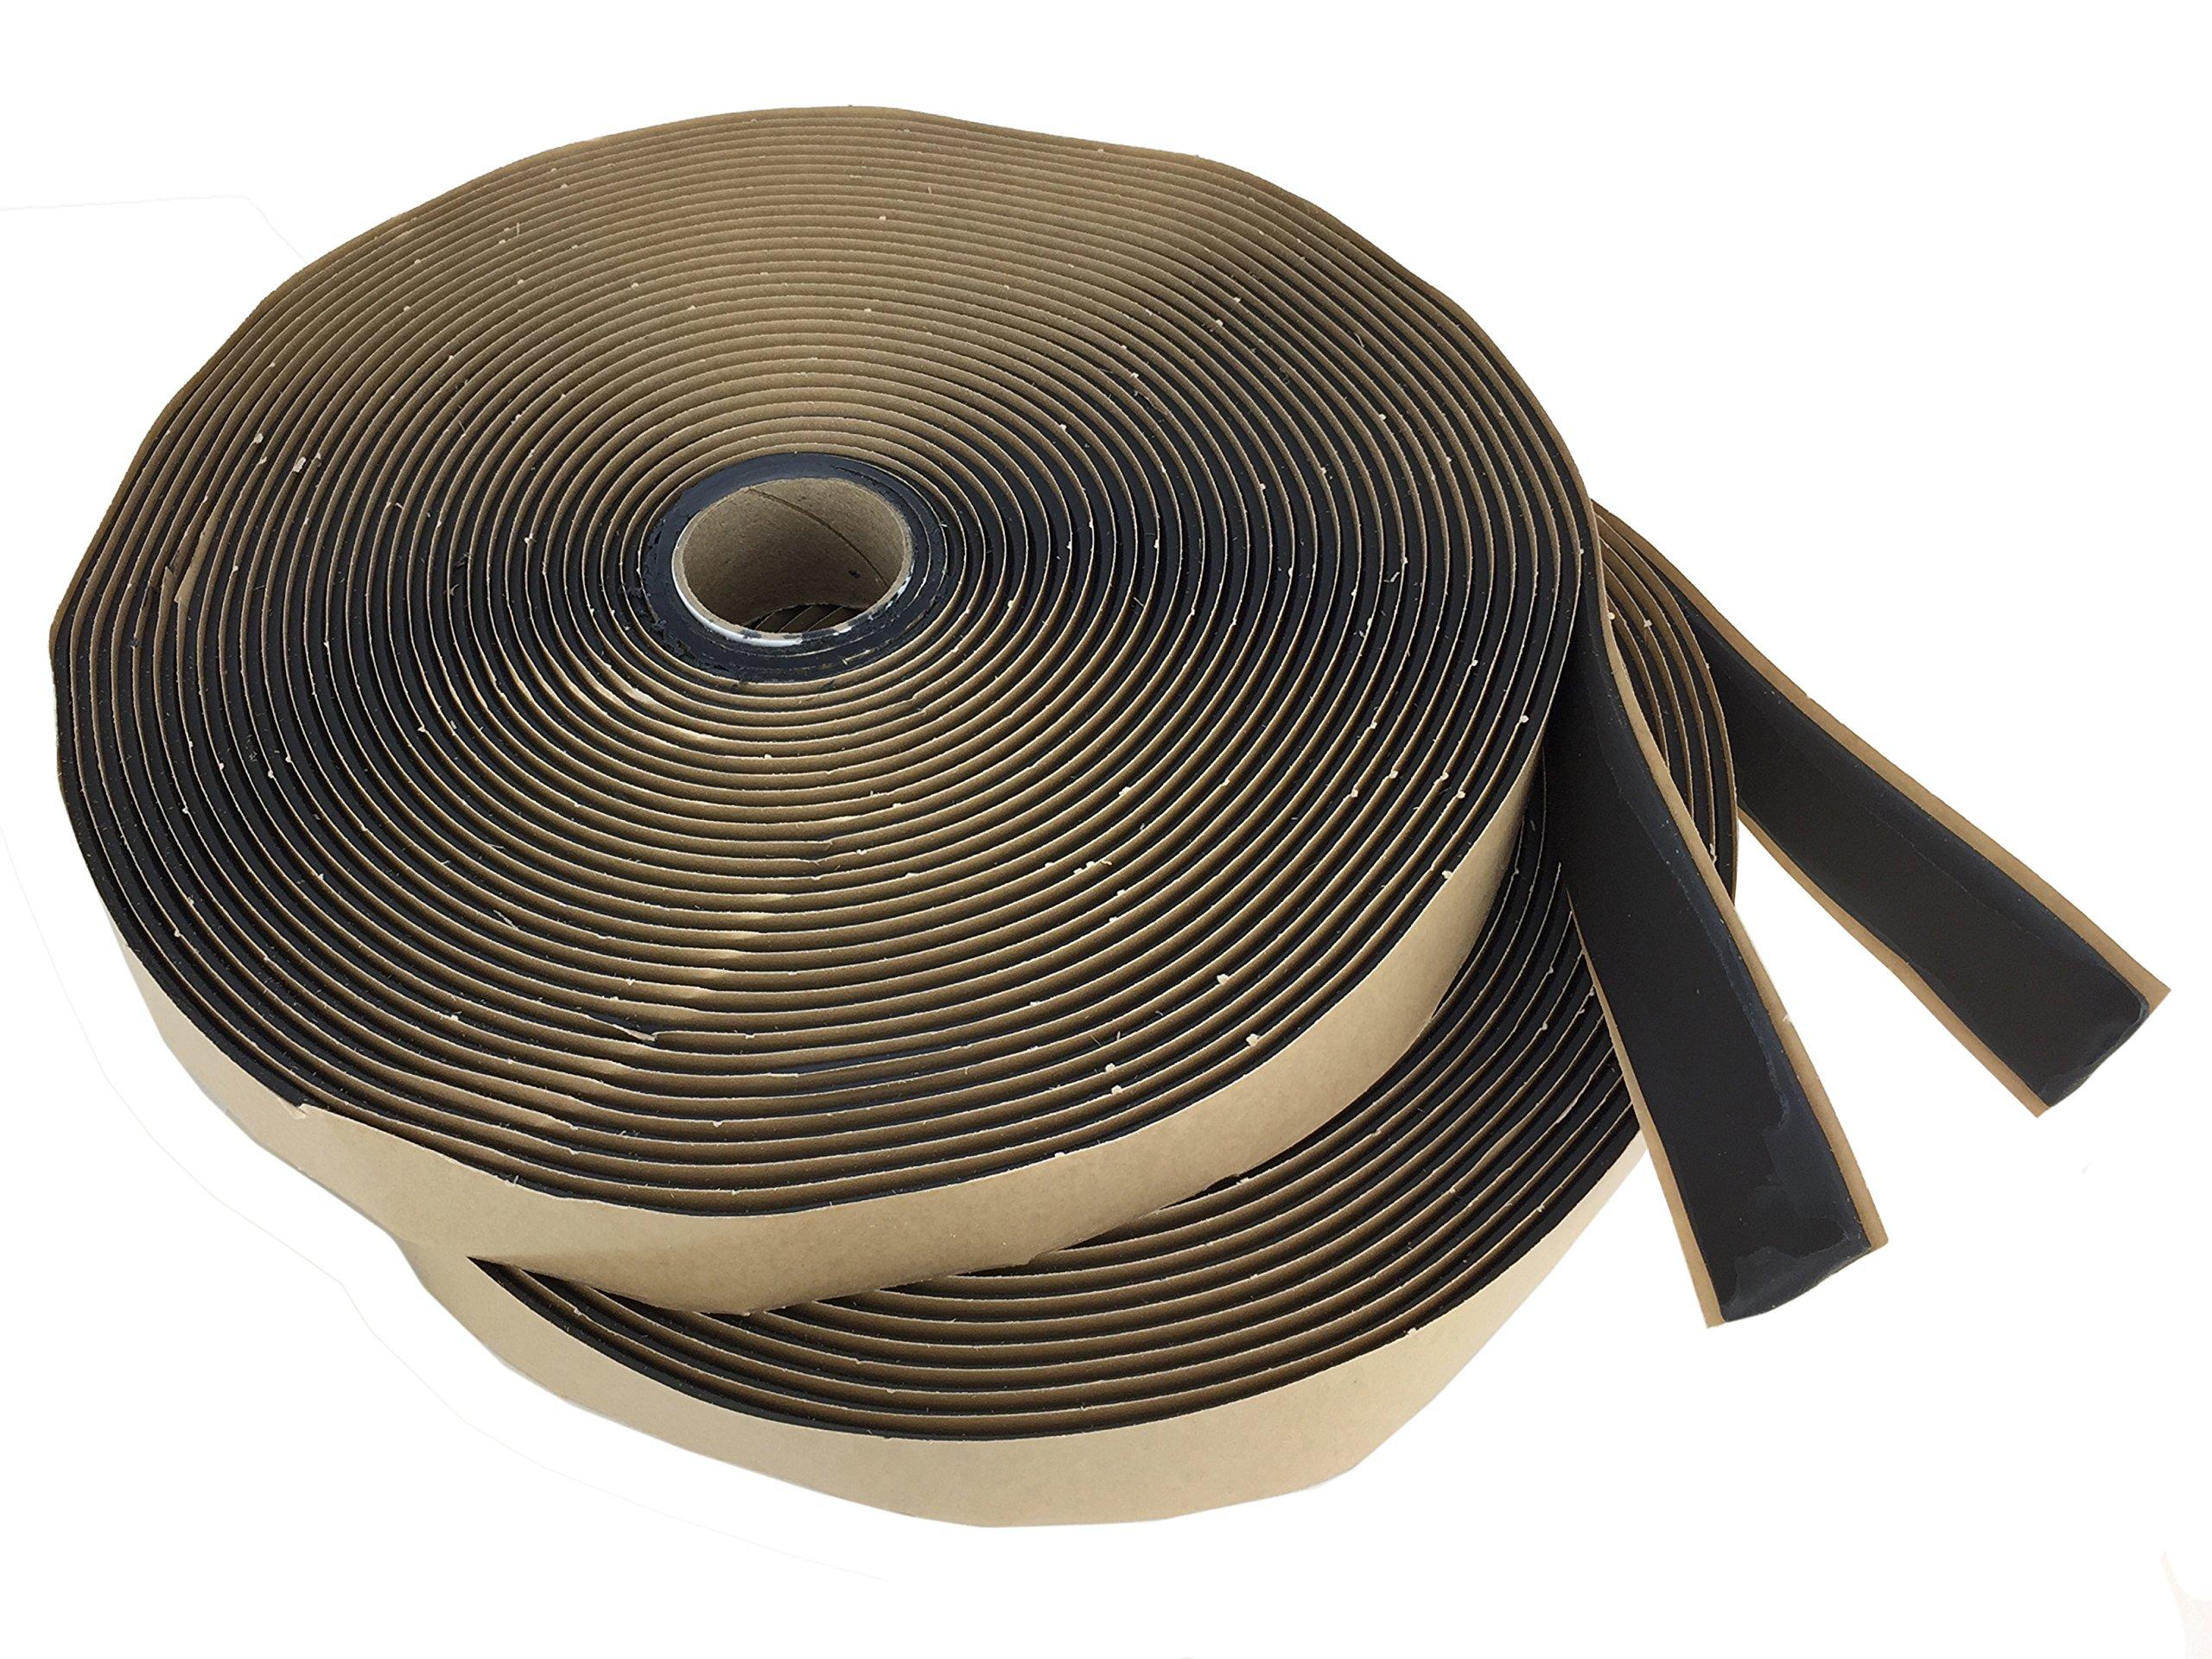 GSSI Sealants Butyl Tape 1/8'' x 1'' x 100' (2 Rolls at 50') Black